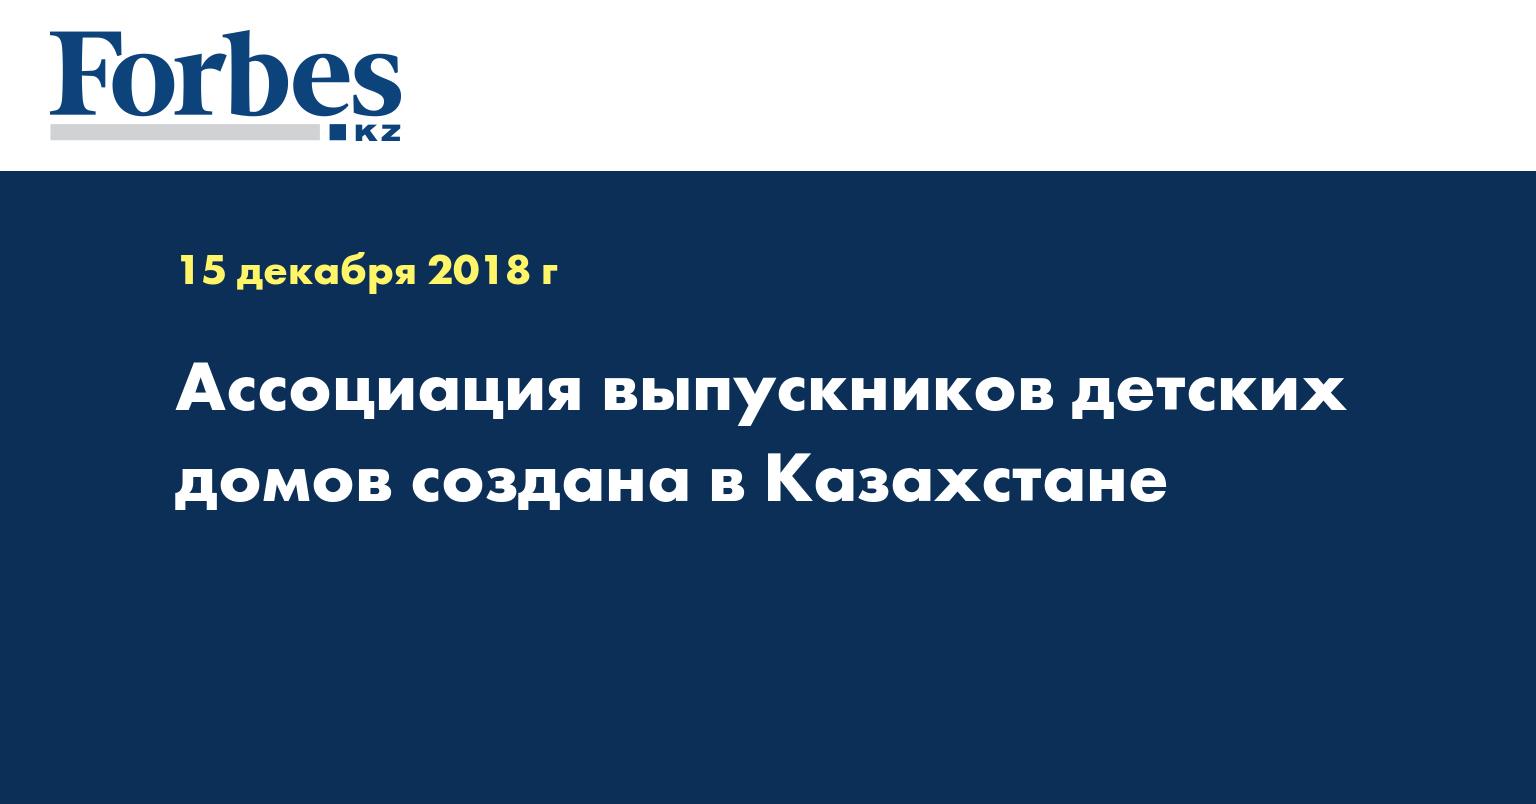 Ассоциация выпускников детских домов создана в Казахстане